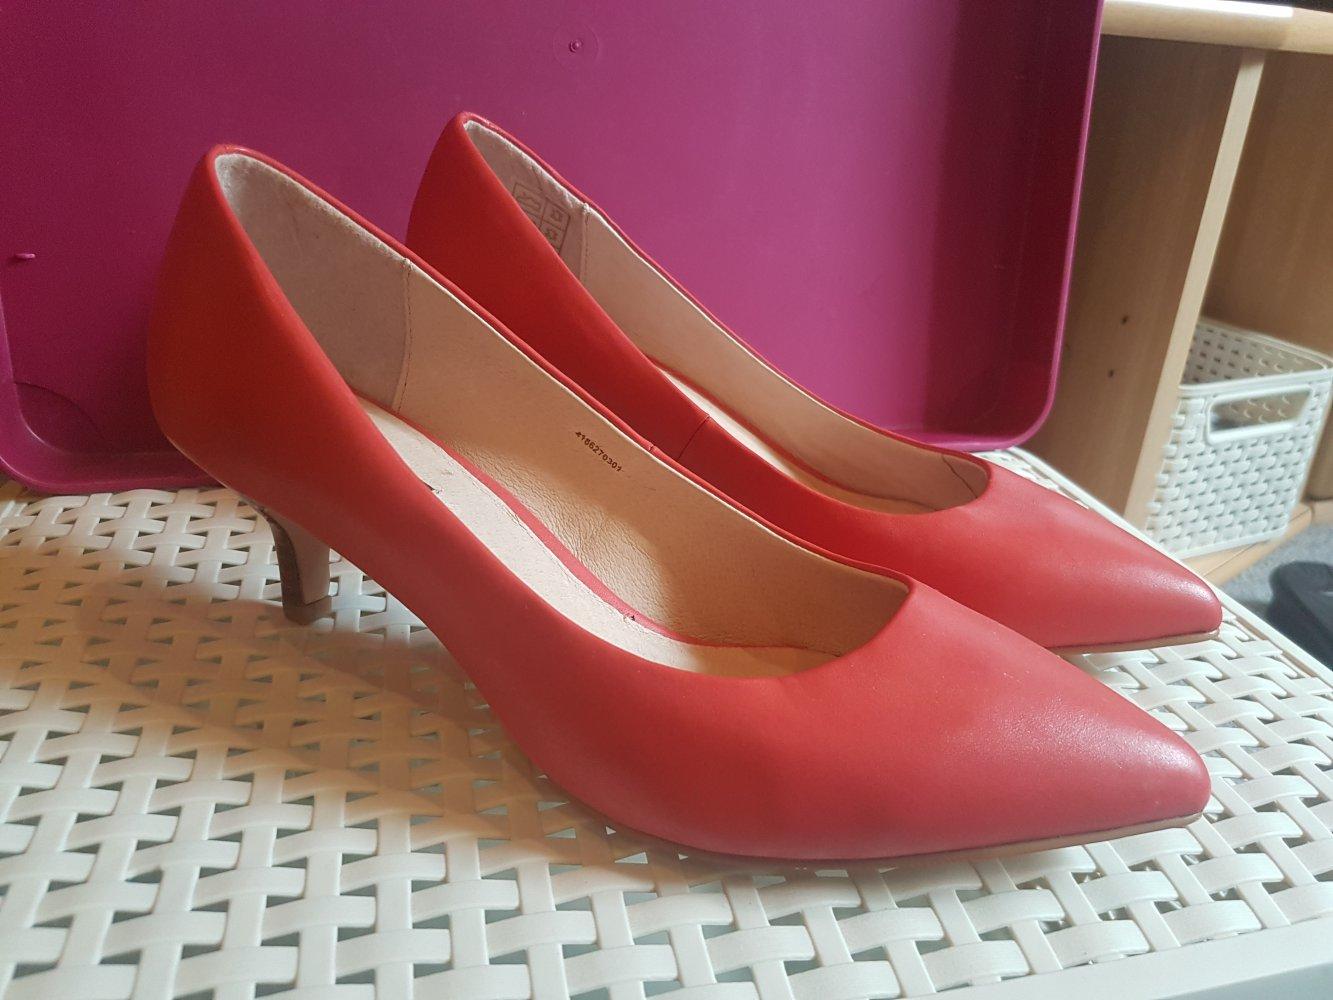 Biete Damen Schuhe Pumps Größe 39 schwarz pink top